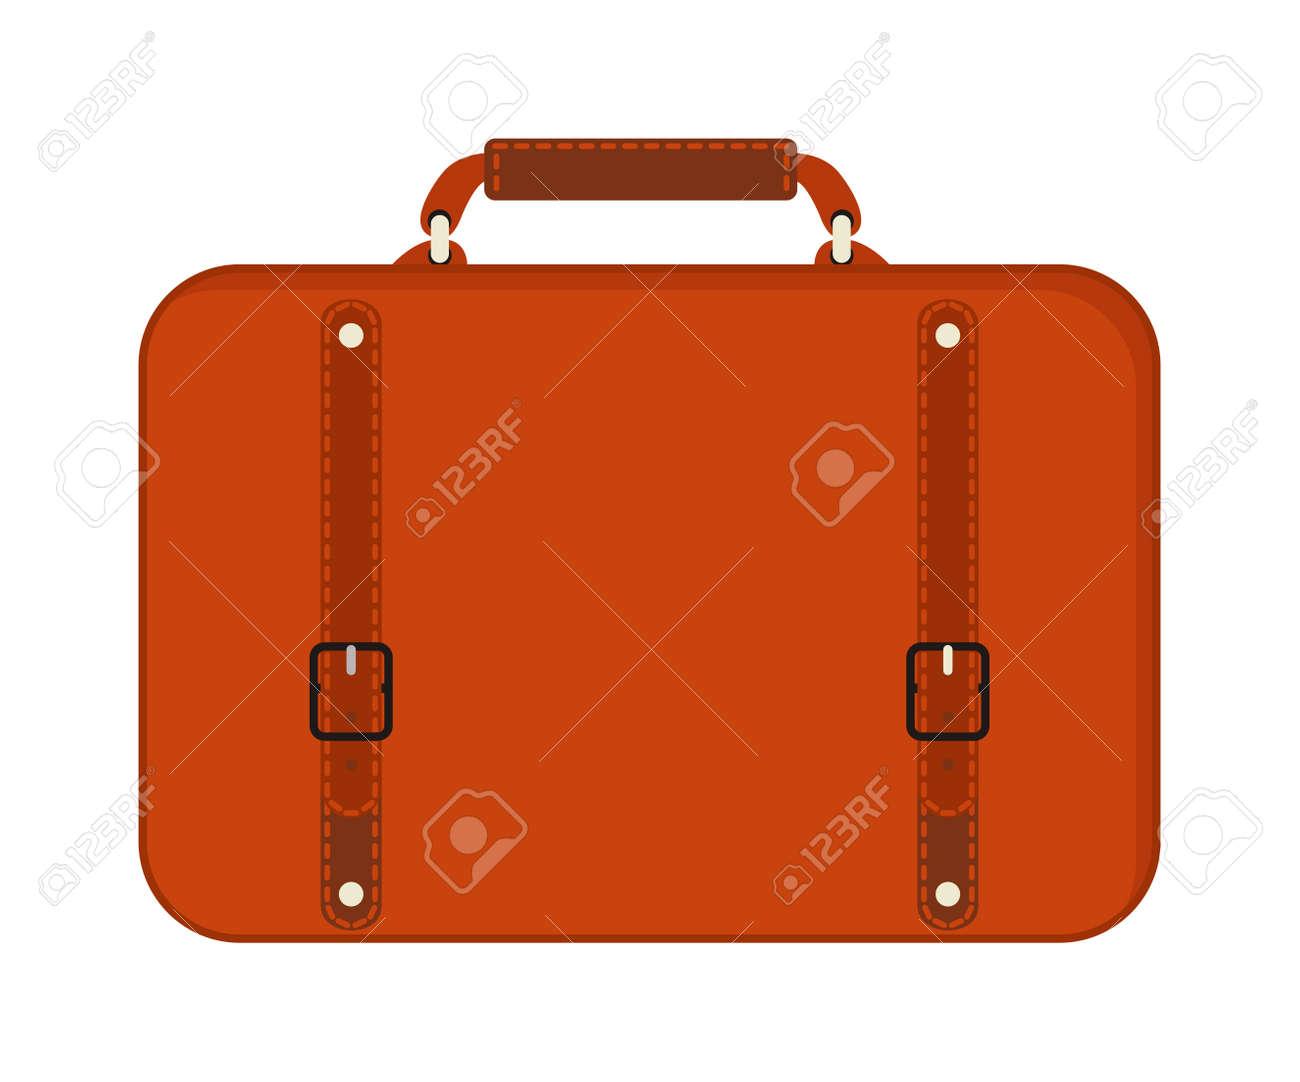 1ae3489dfea7c Reisen Mode Rote Tasche Und Urlaub Griff Reisen Rot Tasche. Reisetasche  Leder Große Verpackung Und Reise Big Bag Ziel. Reisen Rote Mode Tasche Auf  Rädern.